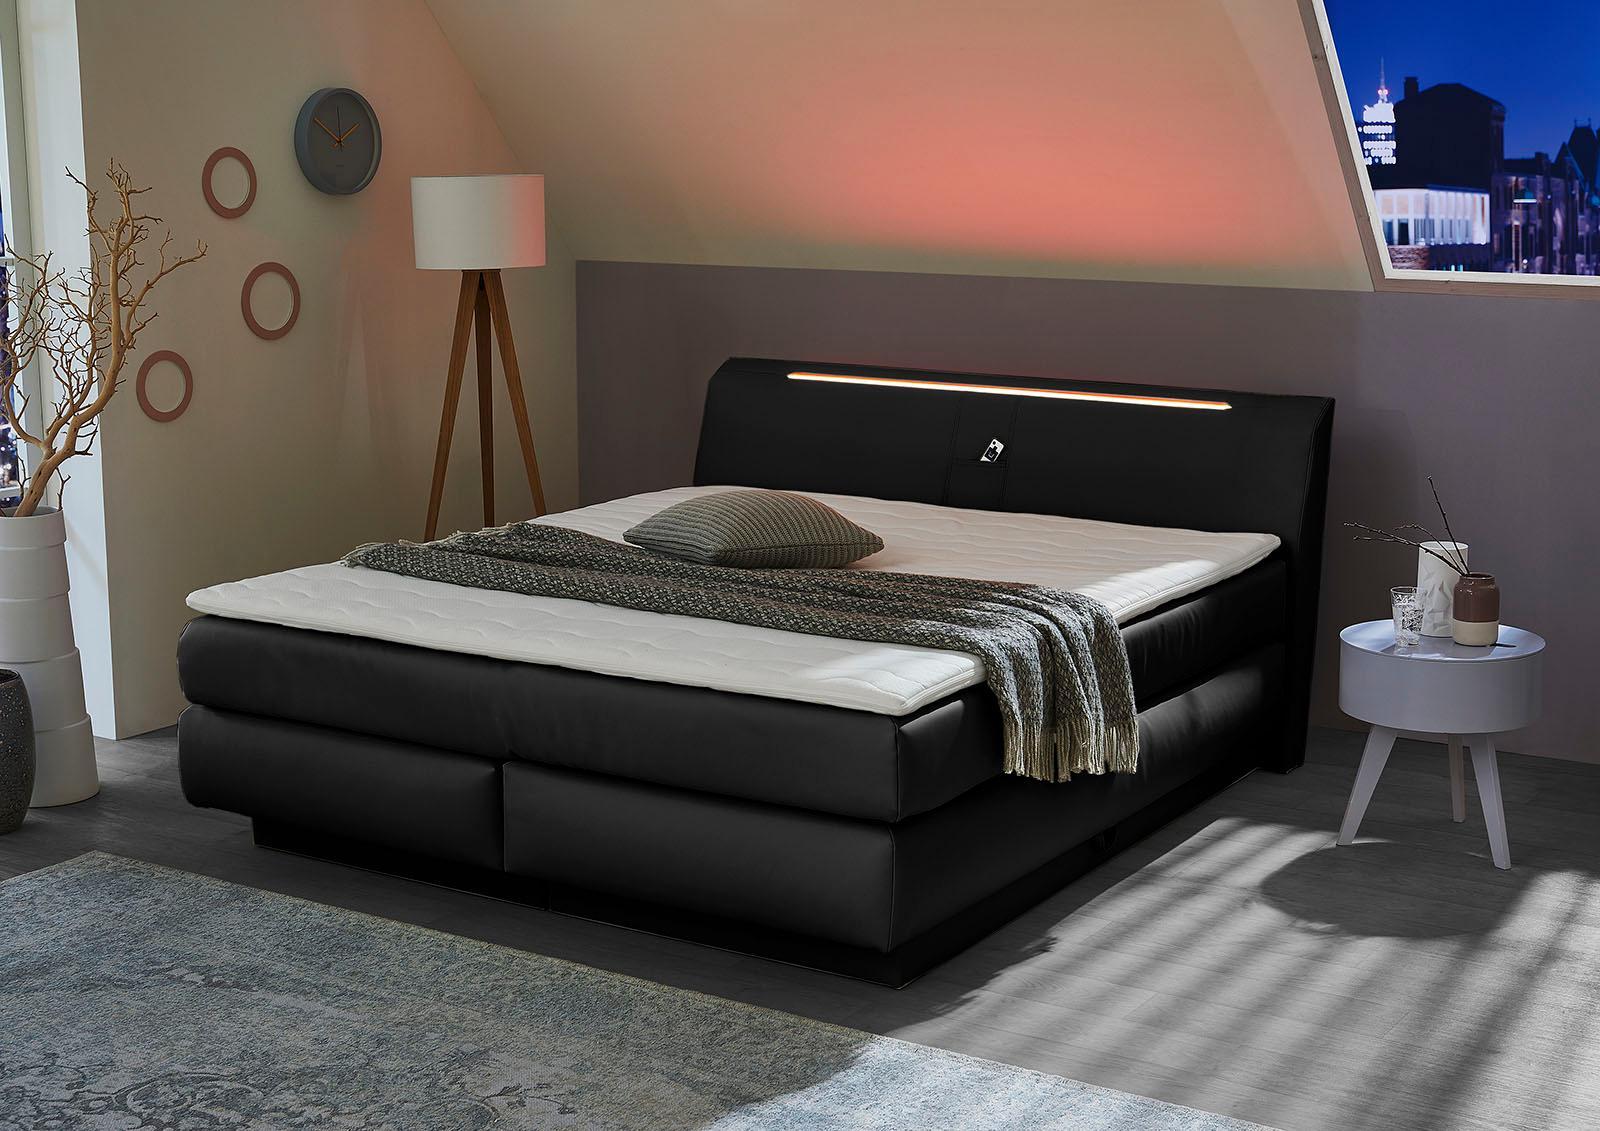 Angebot neue Stile attraktive Farbe Jockenhöfer Gruppe Boxspringbett mit Bettkasten, RGB-Beleuchtung und Topper  kaufen | BAUR